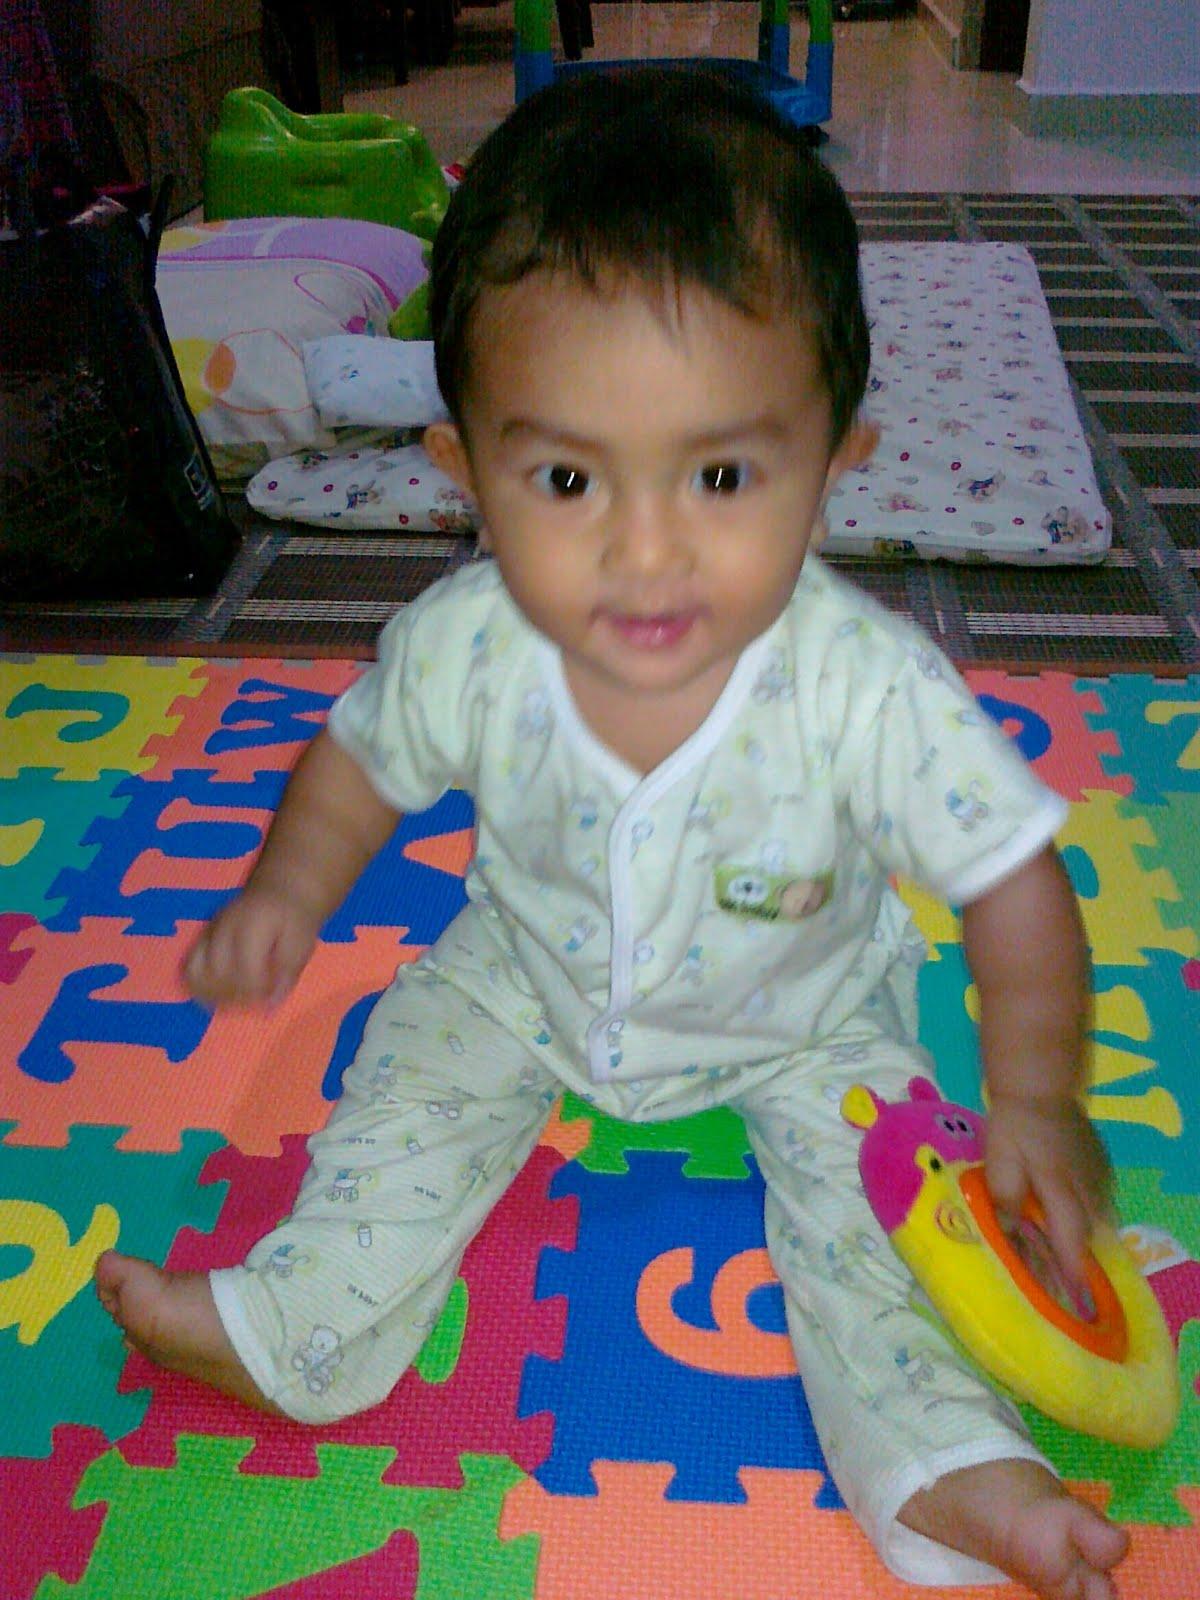 ashikin s blog Raes Zafran 8 months old